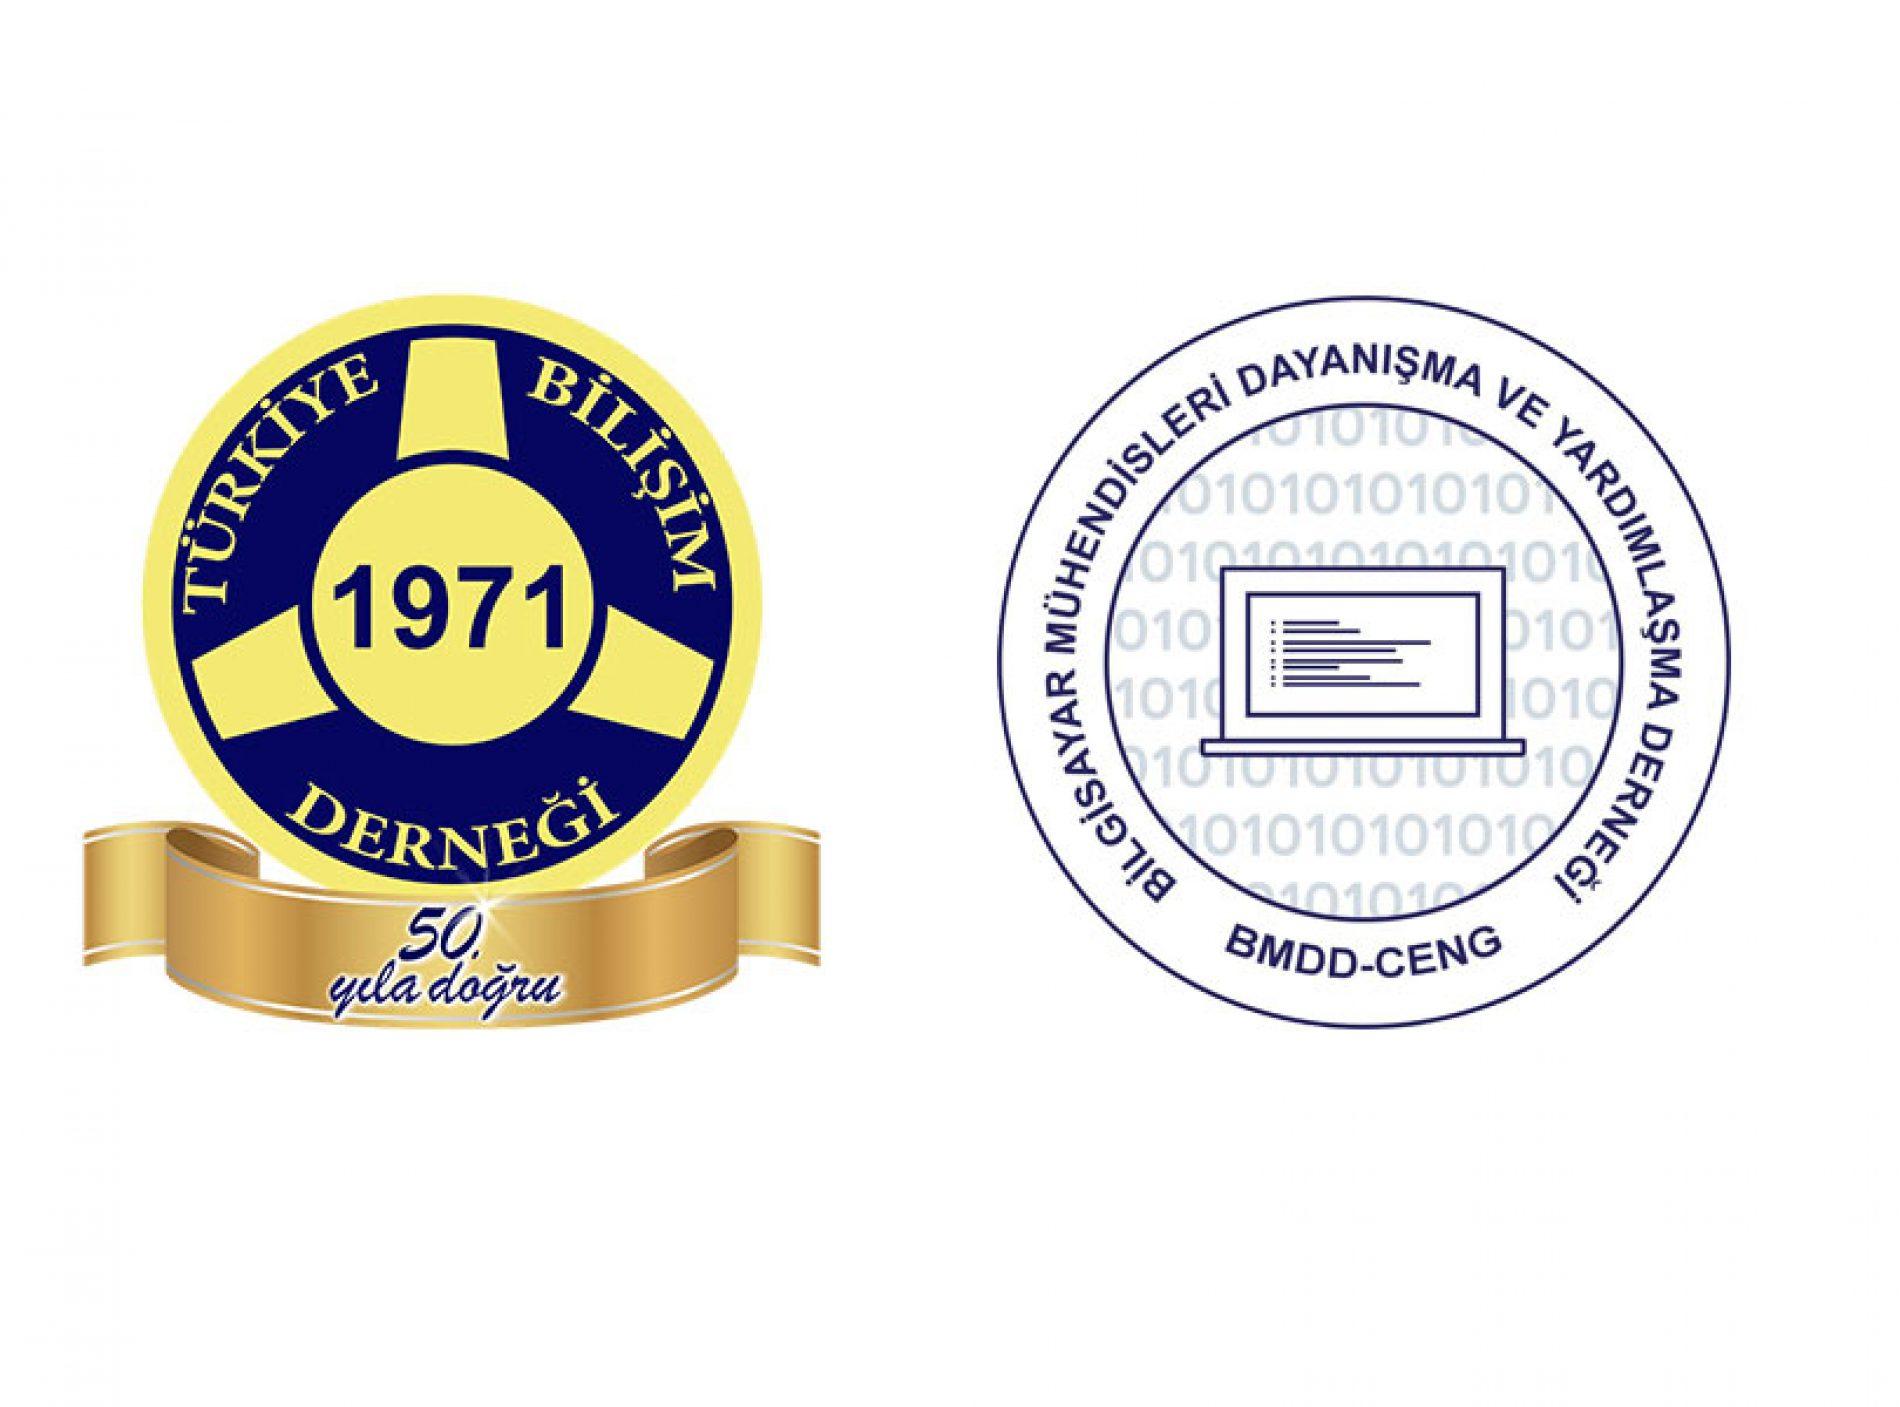 TBD ile Bilgisayar Mühendisleri Dayanışma ve Yardımlaşma Derneği arasında İşbirliği Protokolü İmzalandı